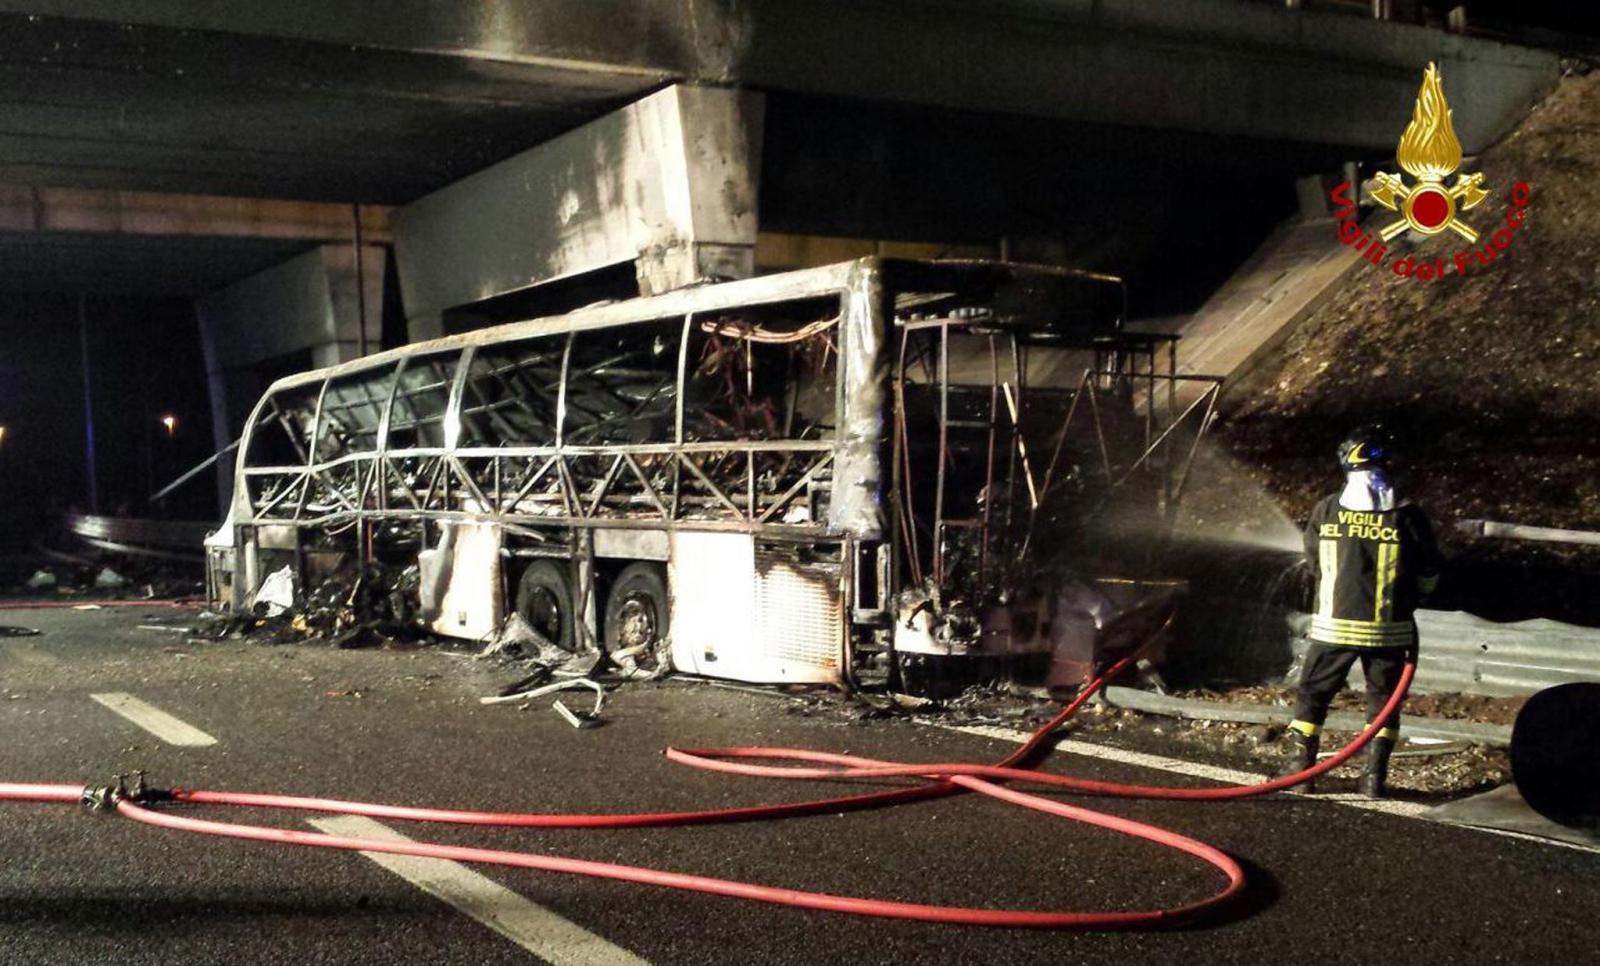 Szesnaście osób zginęło w wypadku węgierskiego autobusu pod Weroną w nocy z piątku na sobotę. Fot. PAP/EPA/VIGILI DEL FUOCO